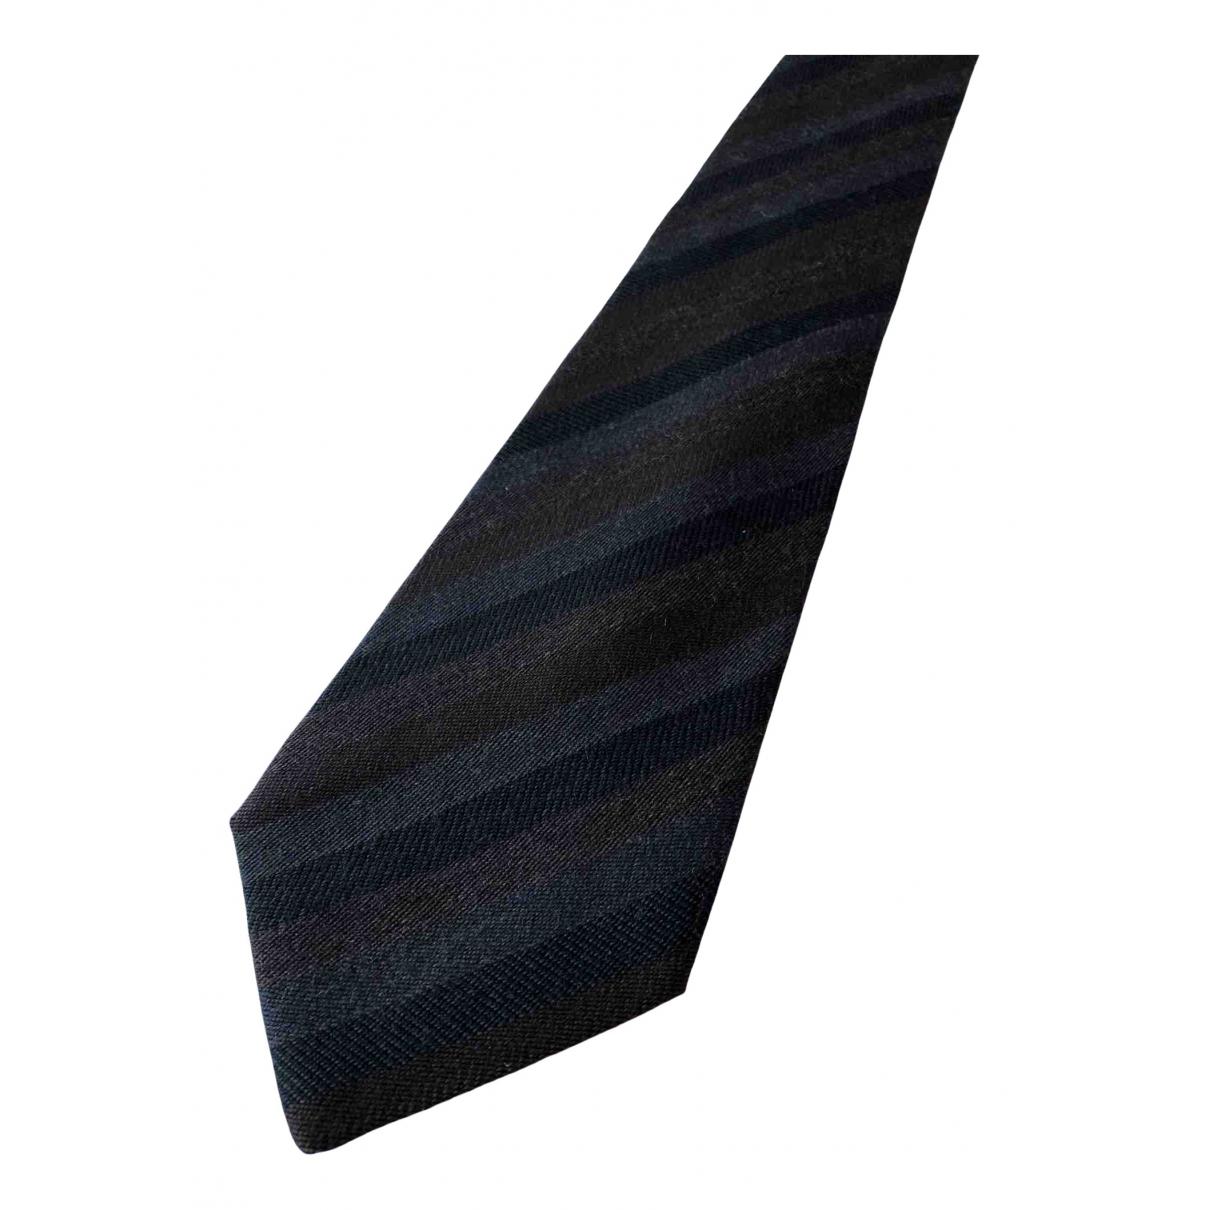 Gianni Versace N Anthracite Wool Ties for Men N